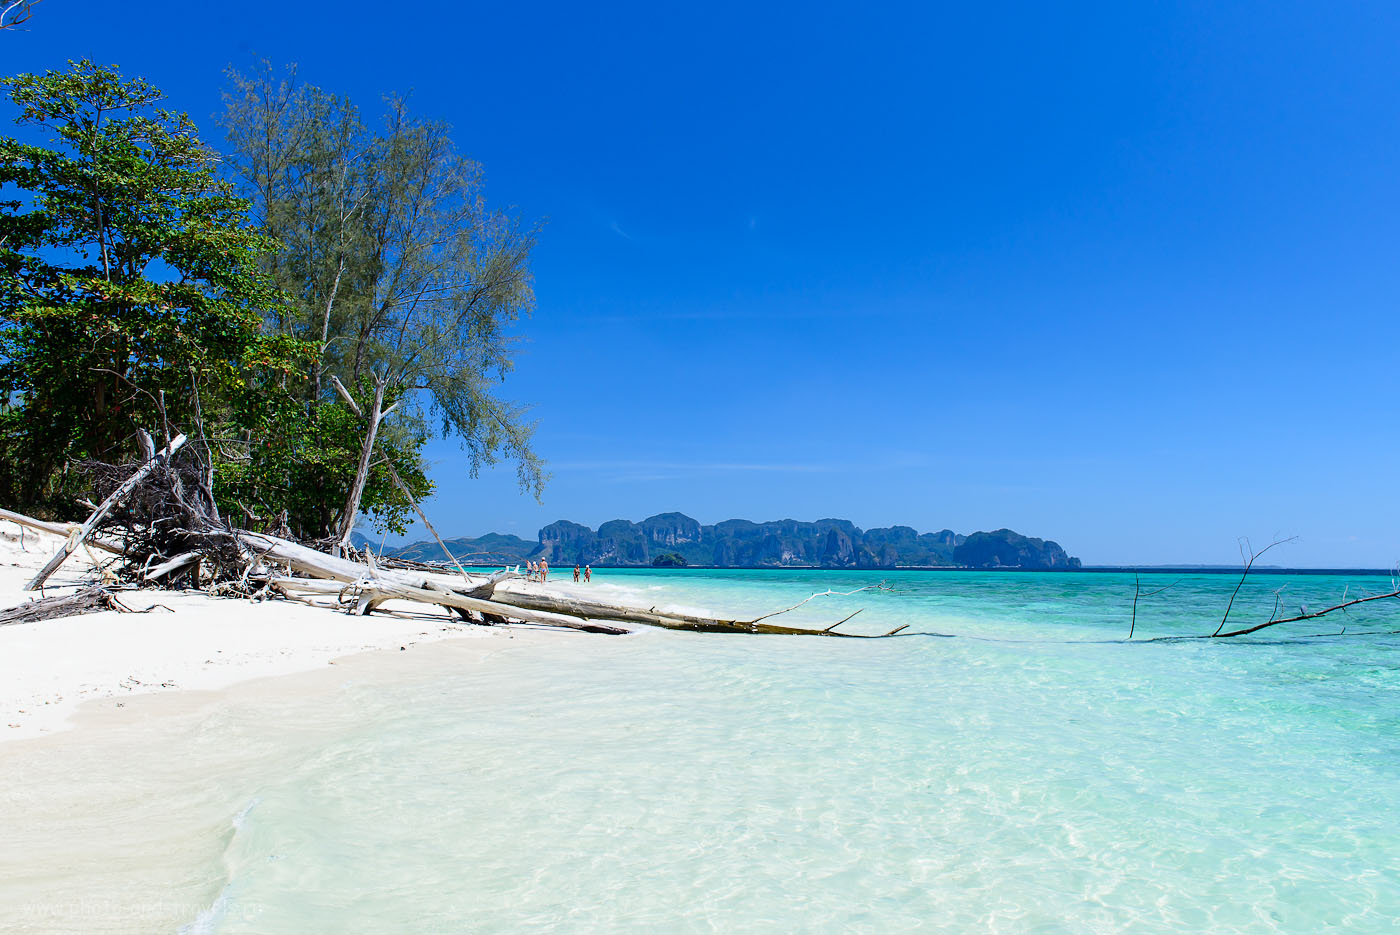 Фотография 11. Лазурное царство Таиланда. Отдых в провинции Краби самостоятельно (200, 24, 9.0, 1/400)